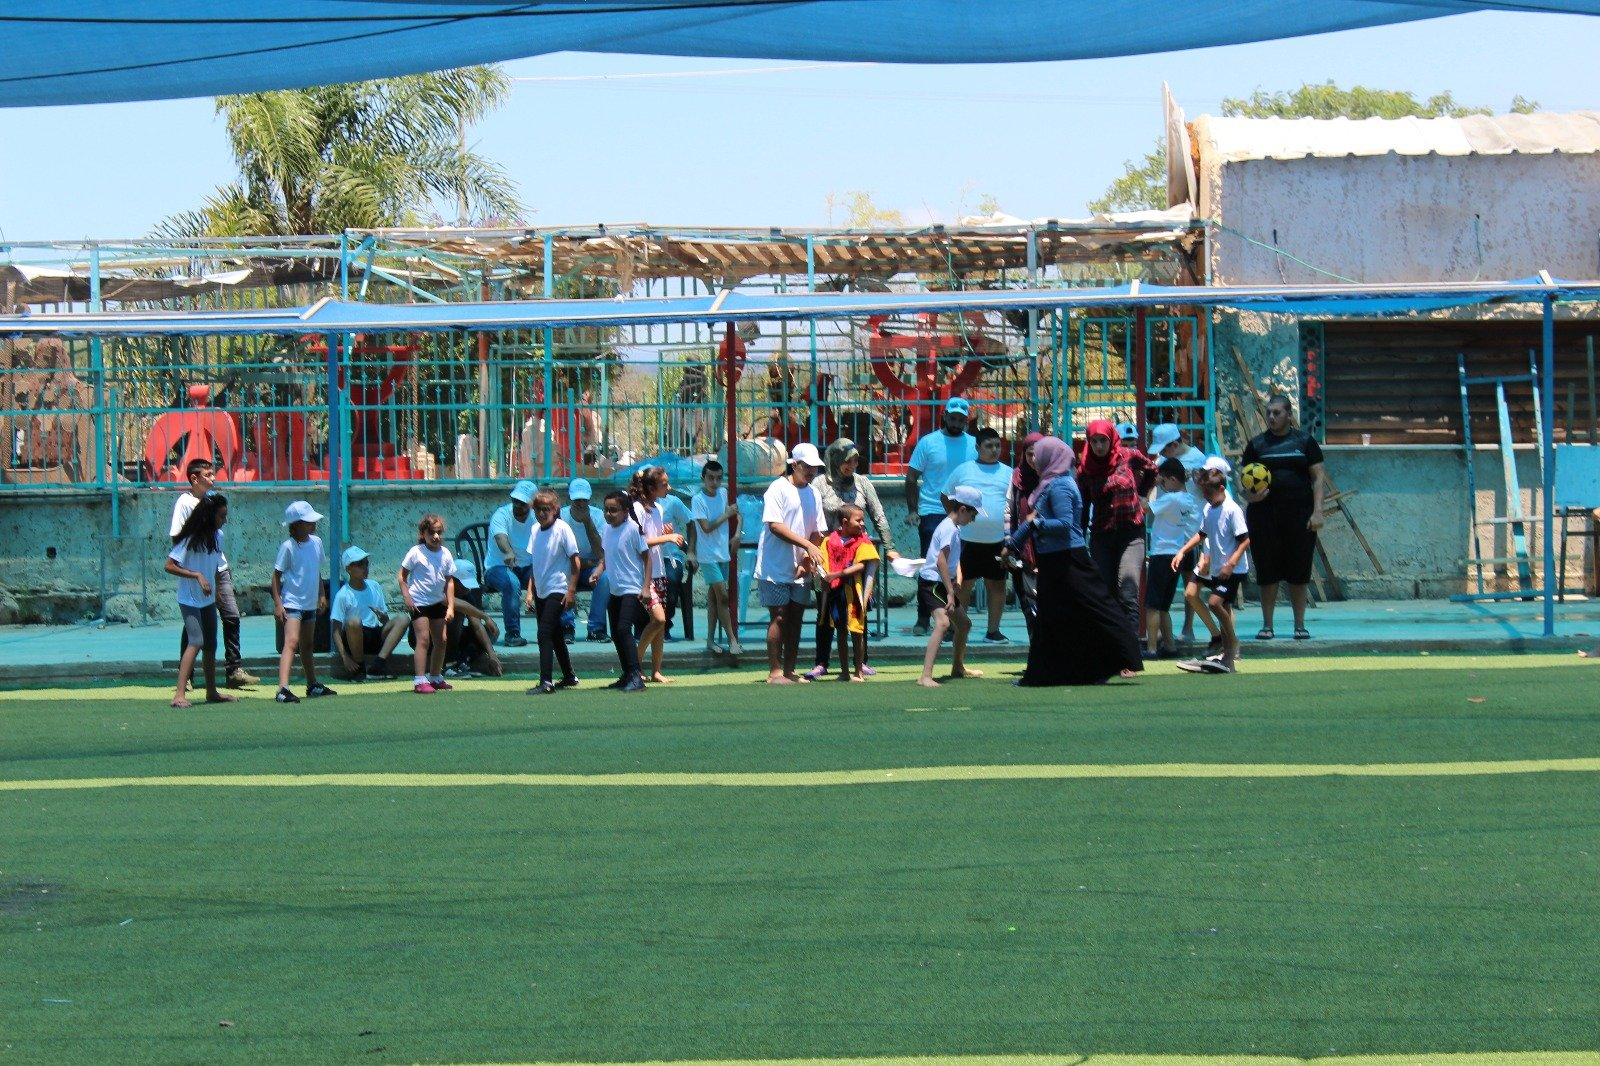 جمعية يدا بيد للمكفوفين تتألق باليوم الرياضي الثالث لذوي الإعاقة البصرية